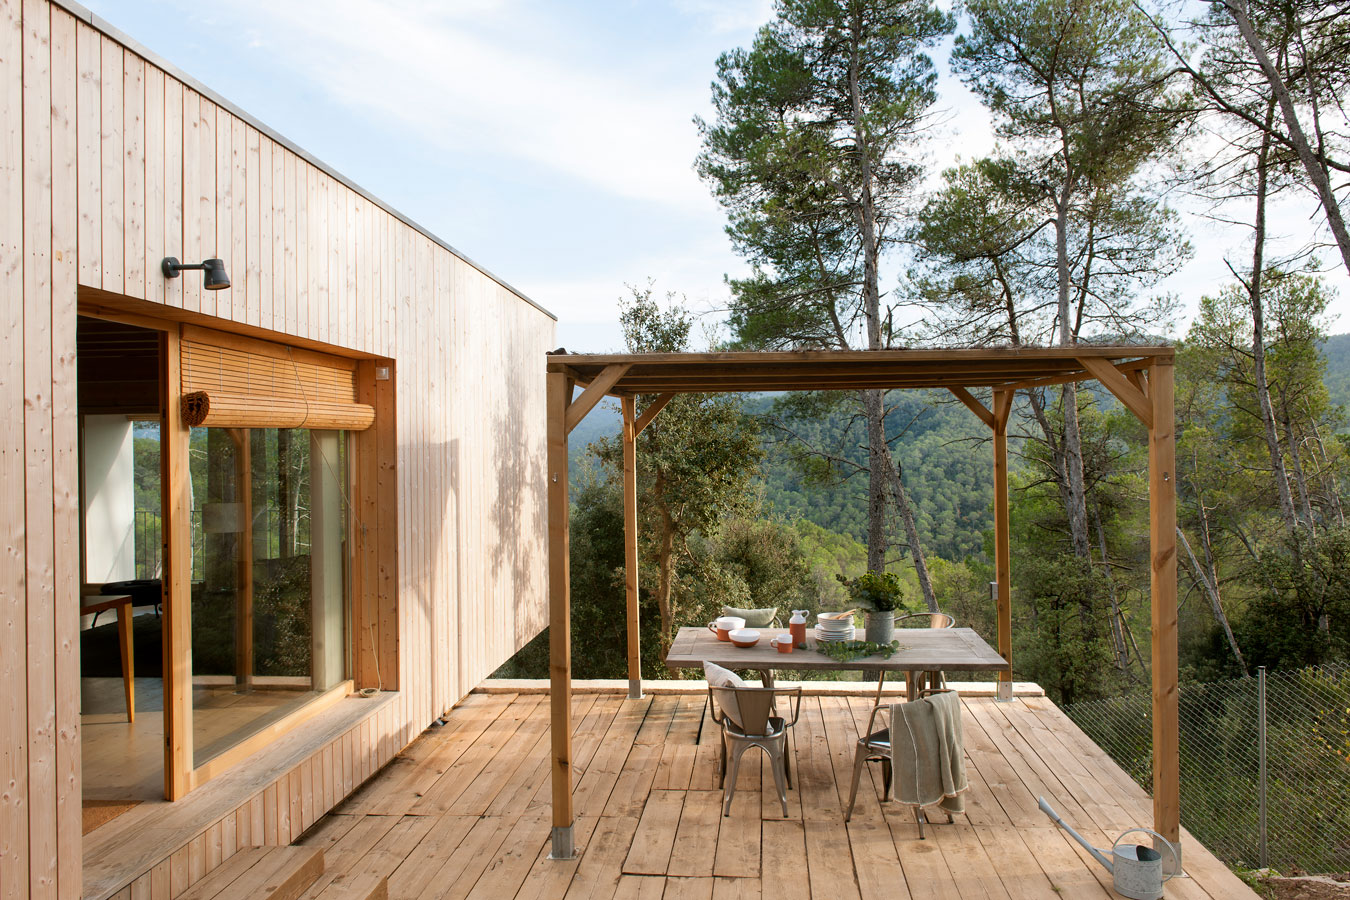 5 casas ecol gicas de bajo consumo - Construccion de casas ecologicas ...